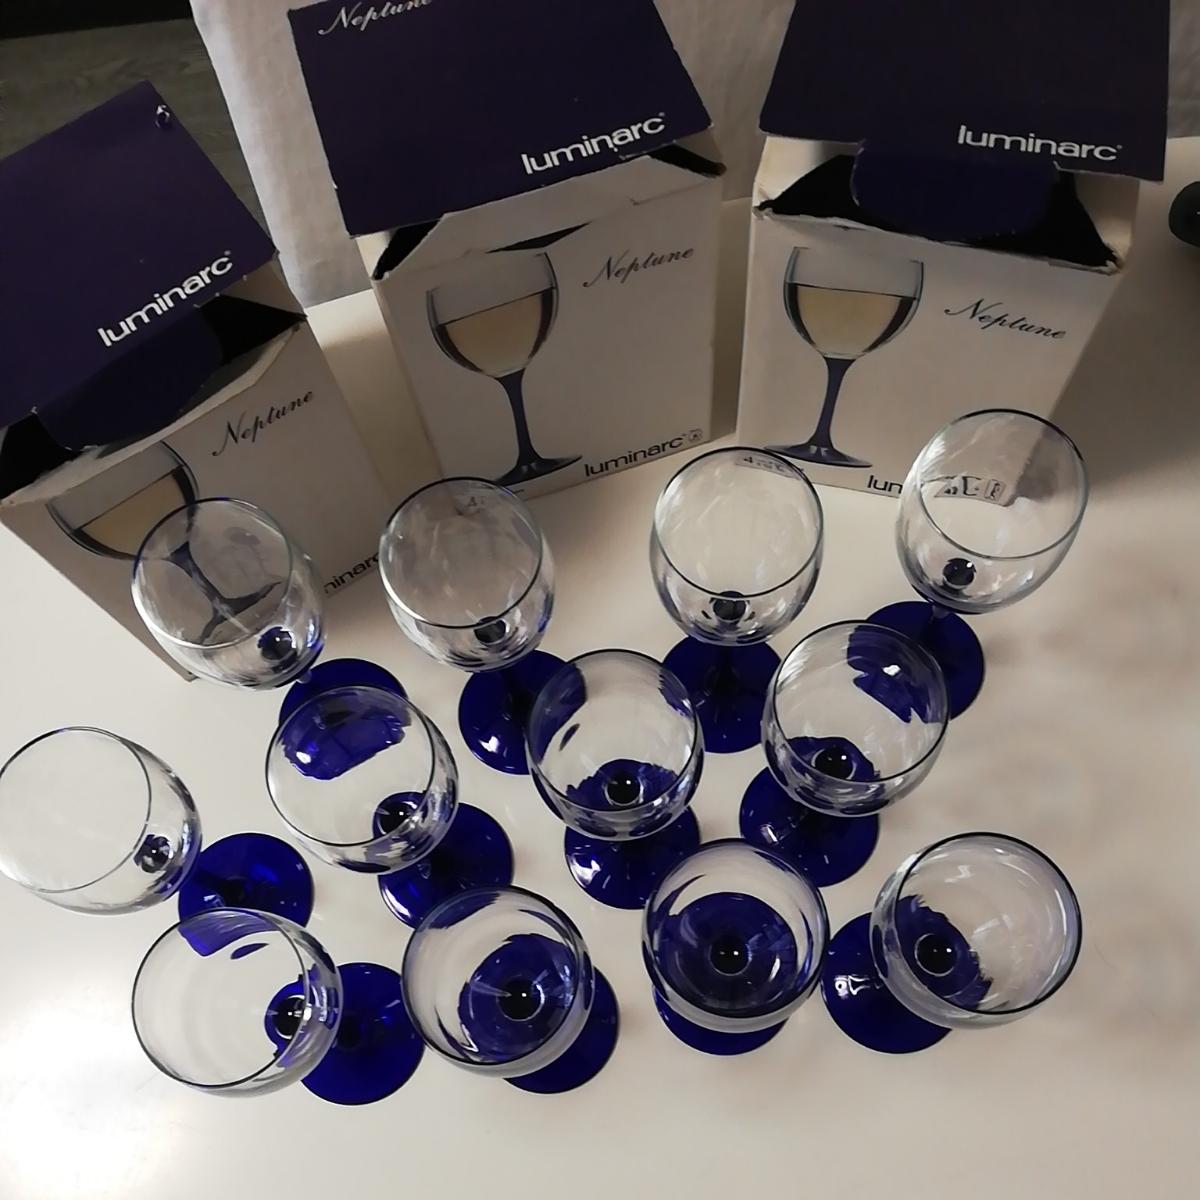 ●新品 ワイングラス ブルー フランス製 リュミナルク グラス 12客 luminarc 店舗お店飲食店に FRANCE 足付脚付 ゴブレット●大量セット_画像2